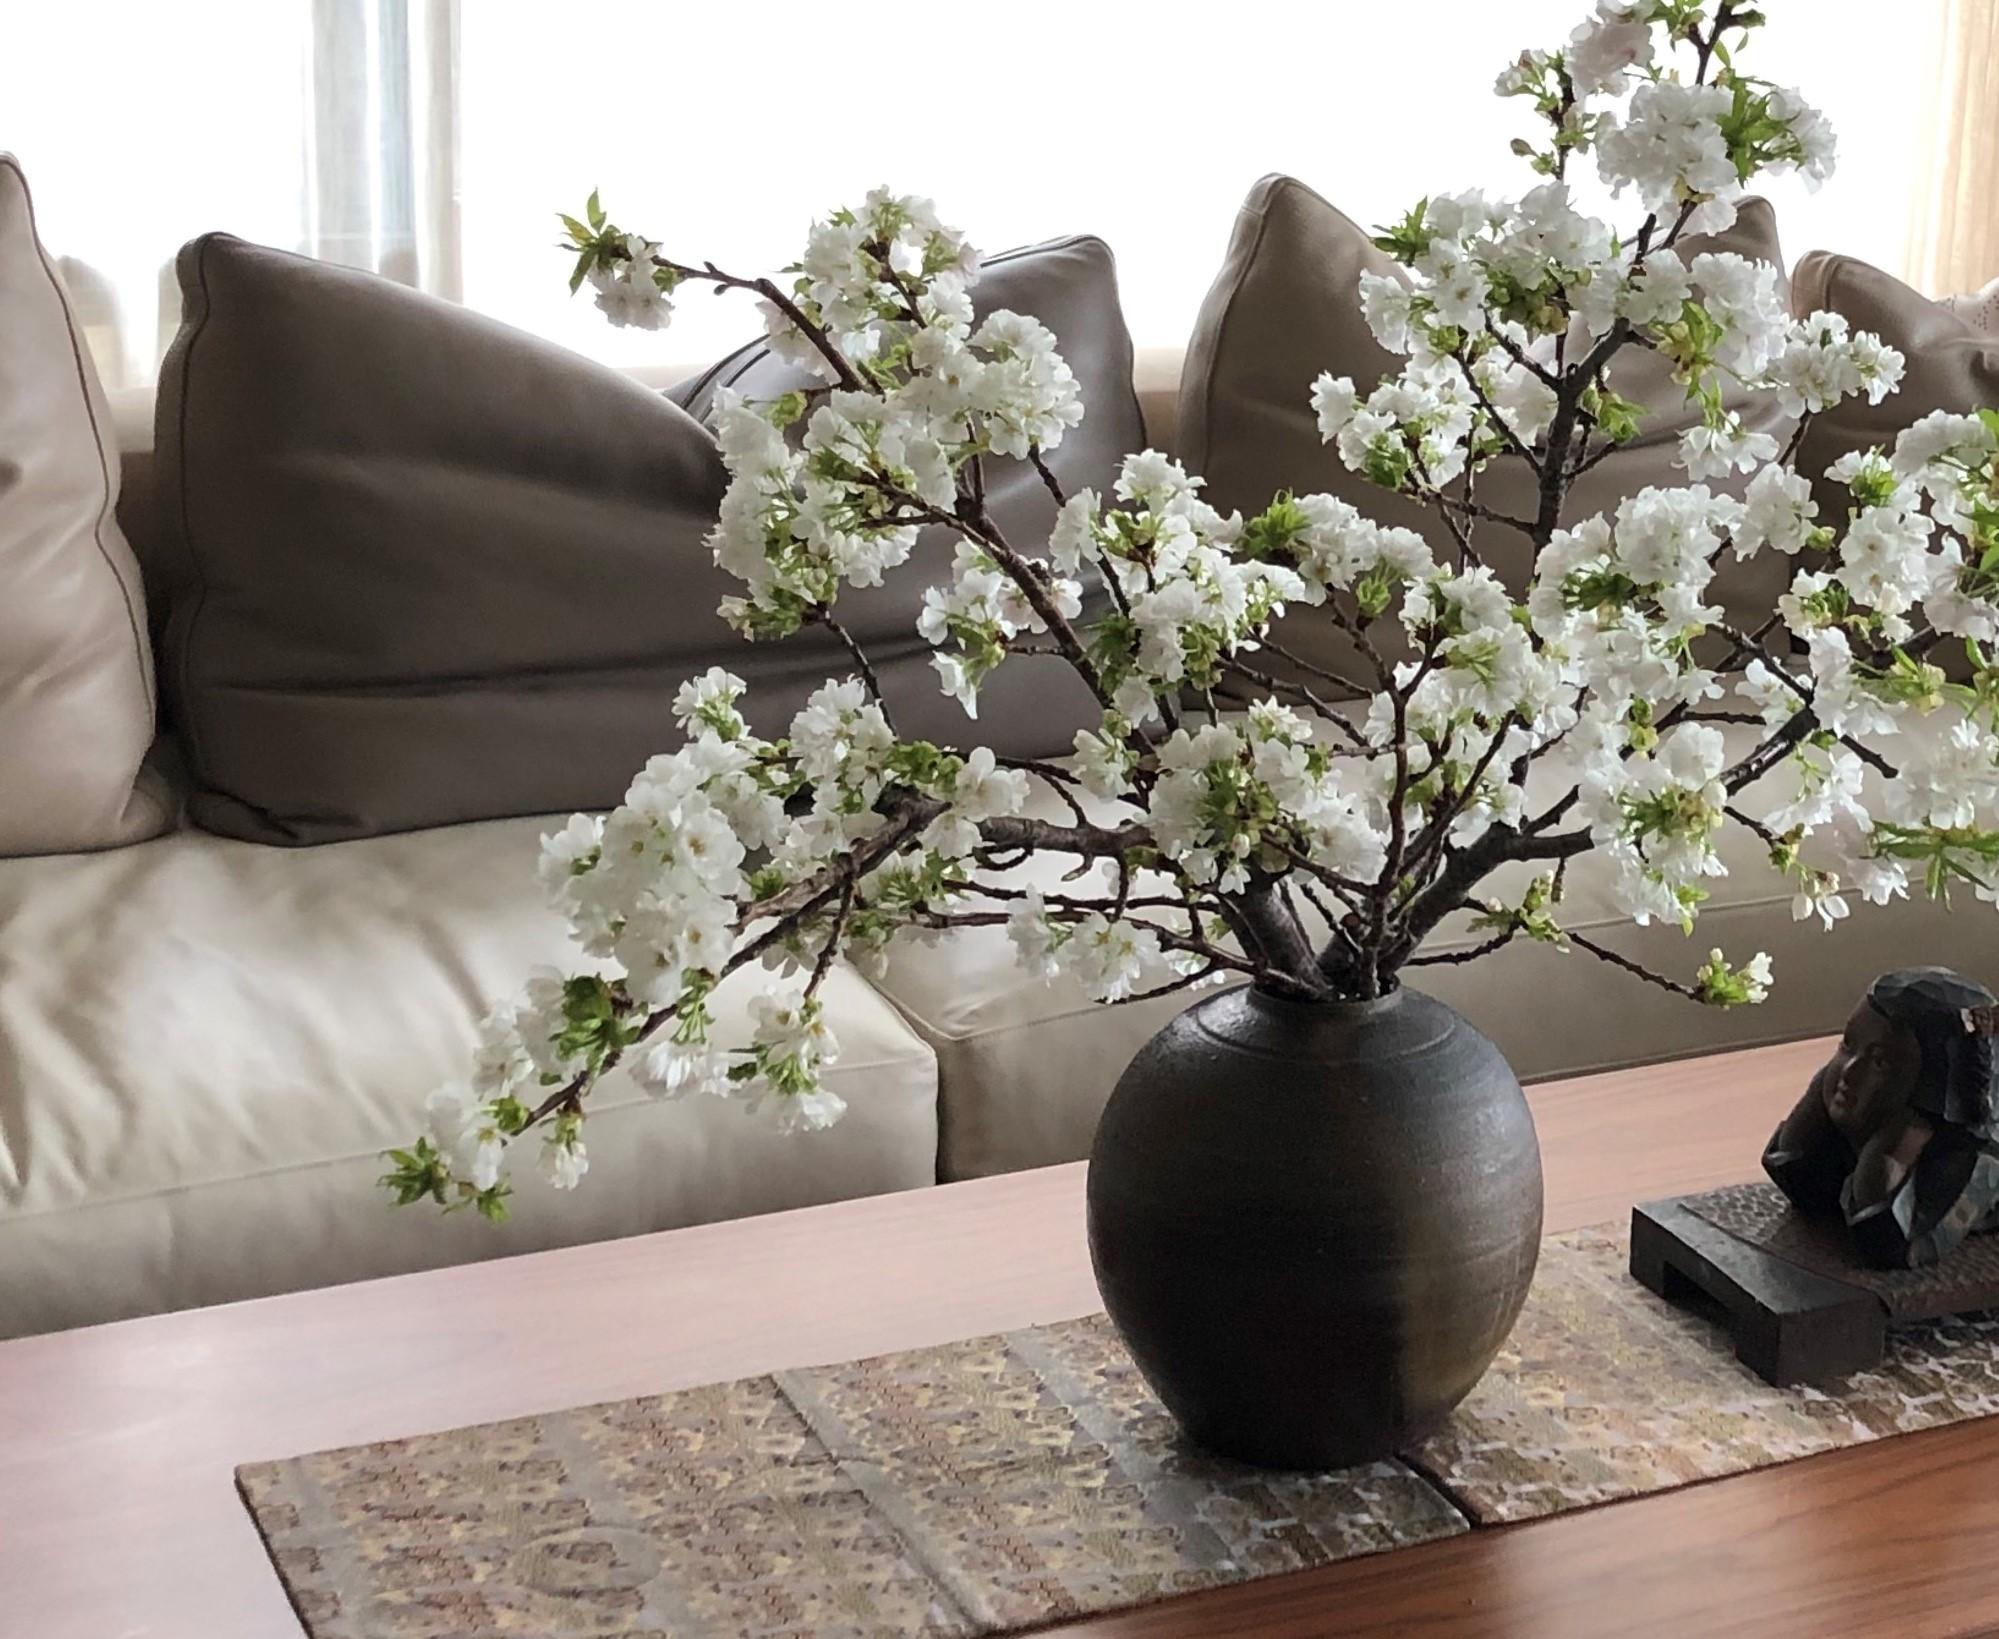 GOYOH Selection:Floral Arrangement Services for Special Memories